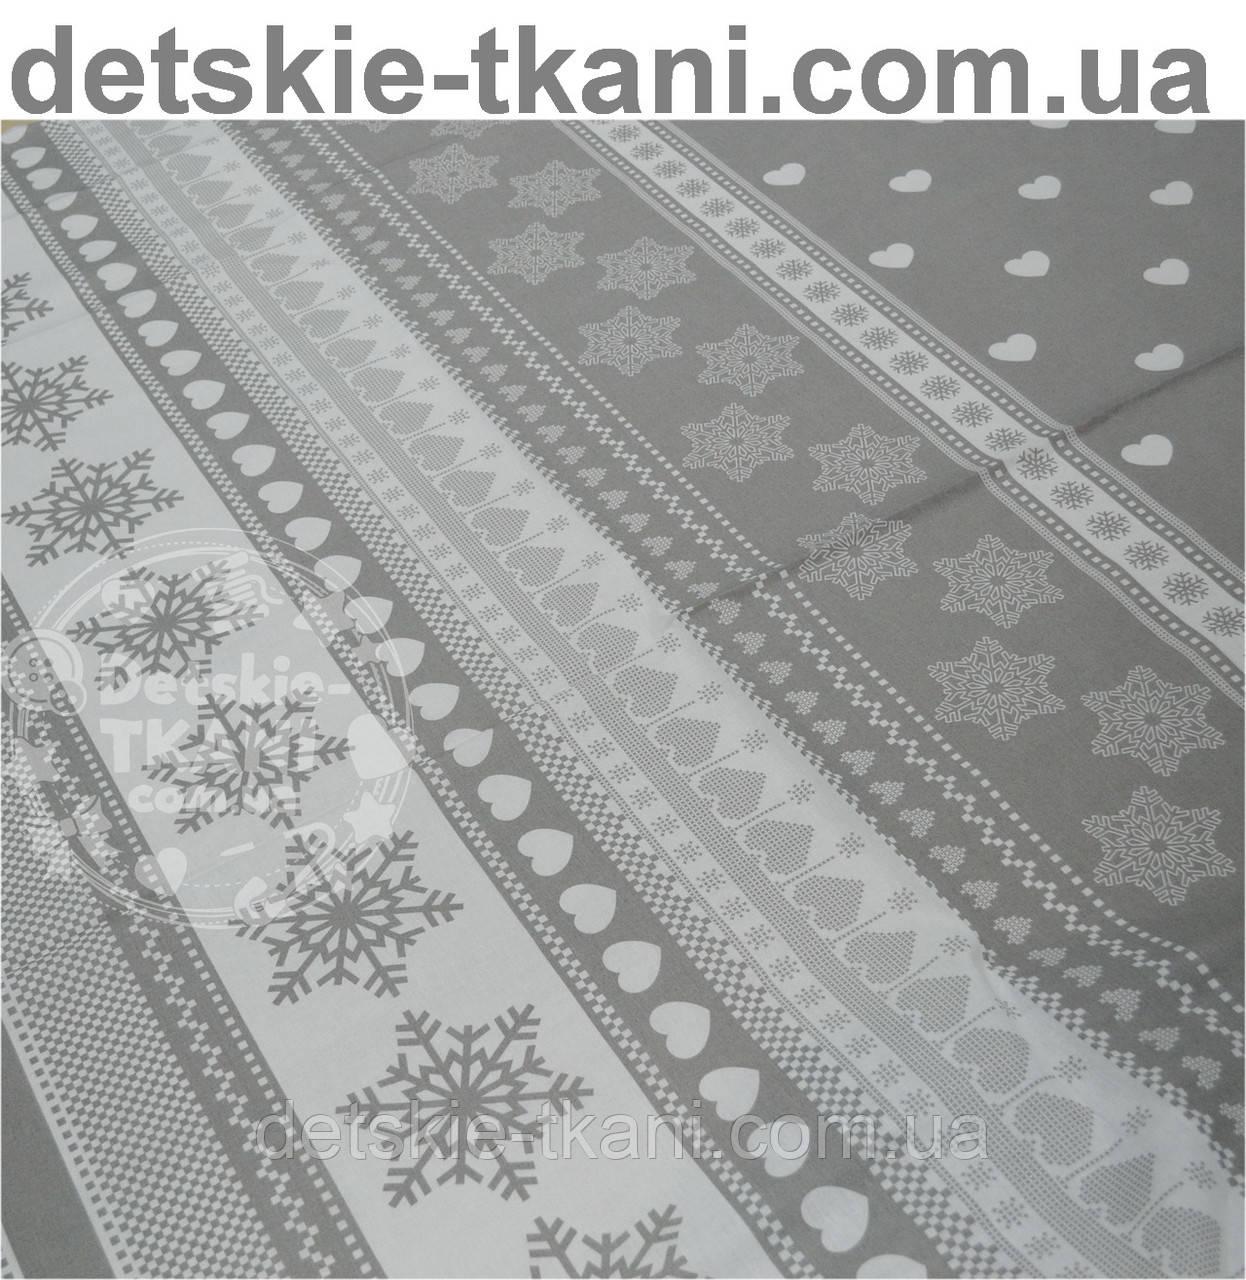 """Новогодняя ткань """"Снежинки с сердечками"""" светло-серого цвета № 454"""